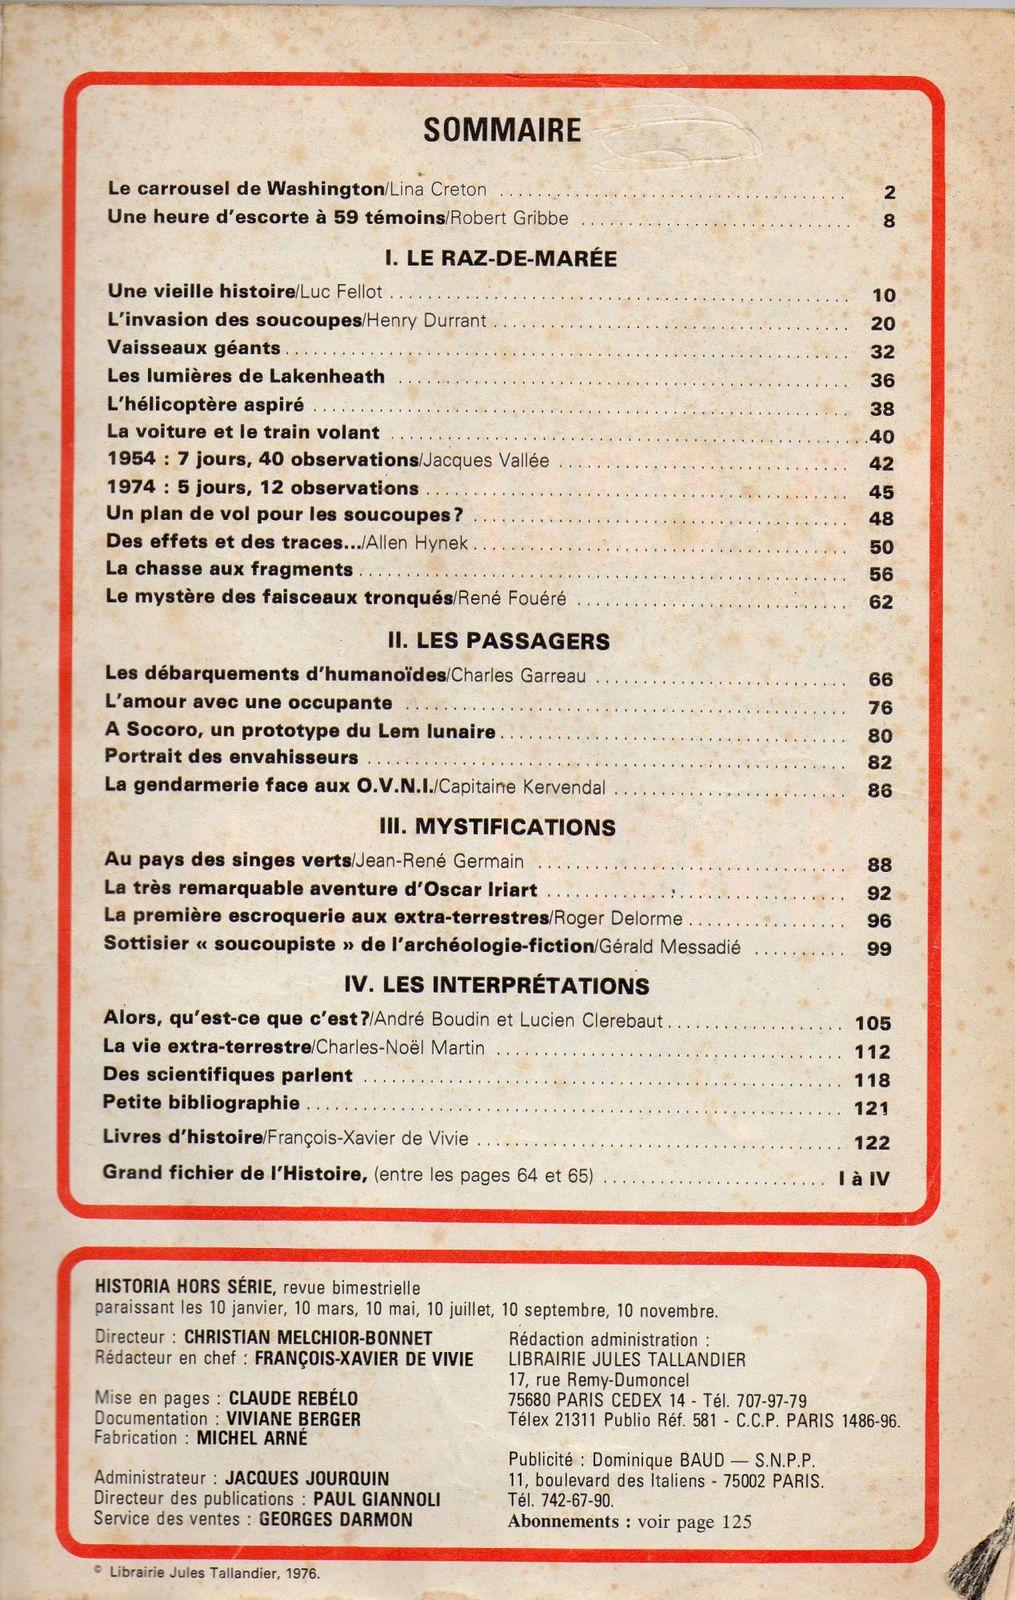 (1976) : HISTORIA Hors série, Les soucoupes volantes. Sommaire